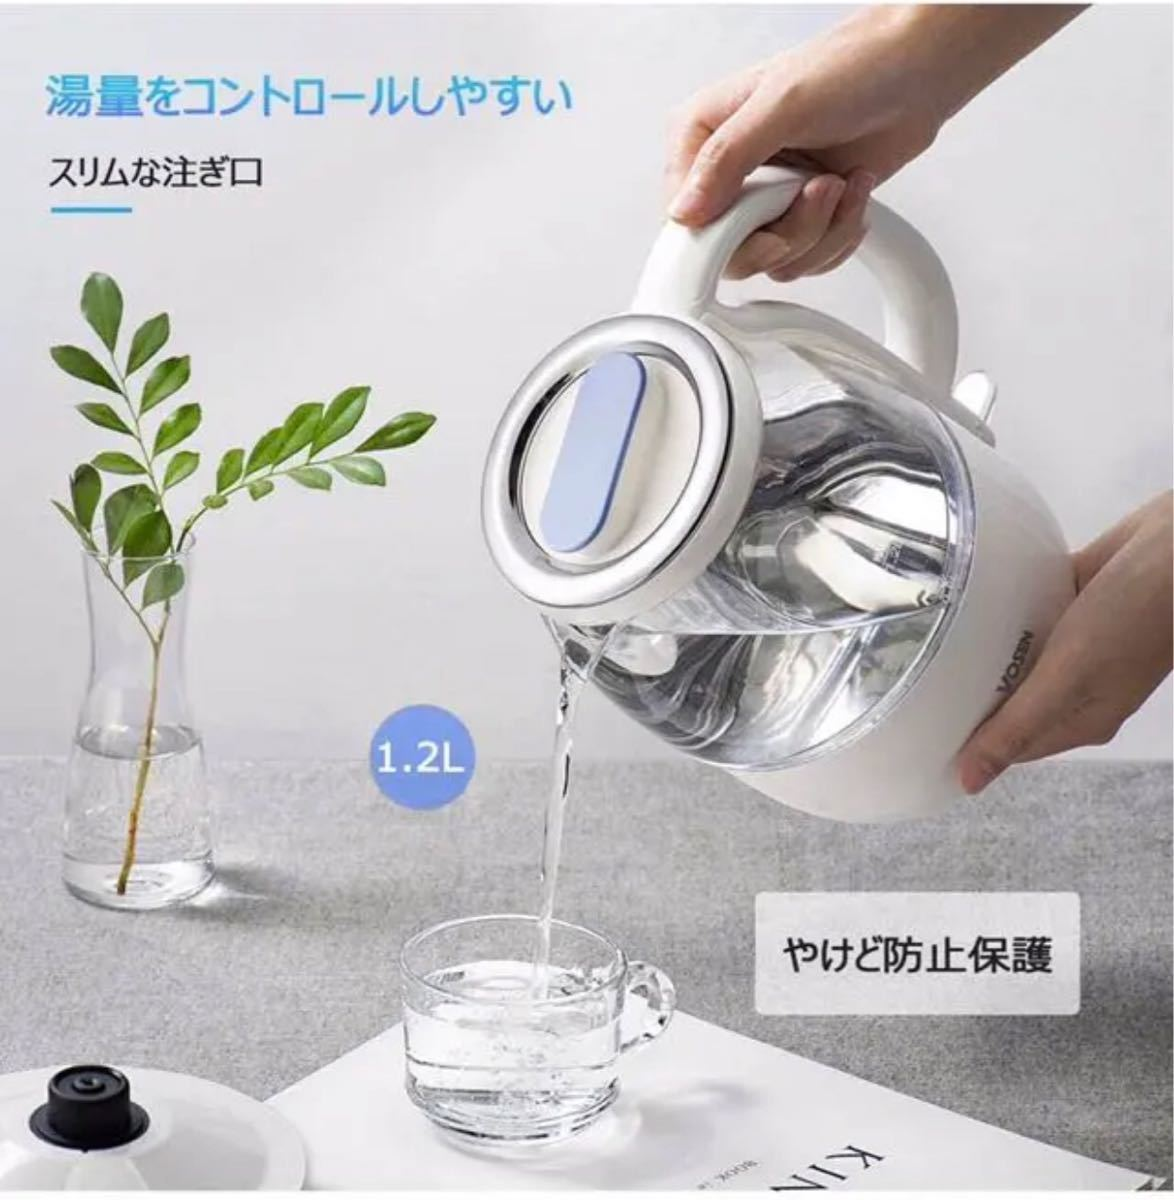 新品 電気ポット 電気ケトル 湯沸かし器 ポット 台所 食事 ケトル コーヒー